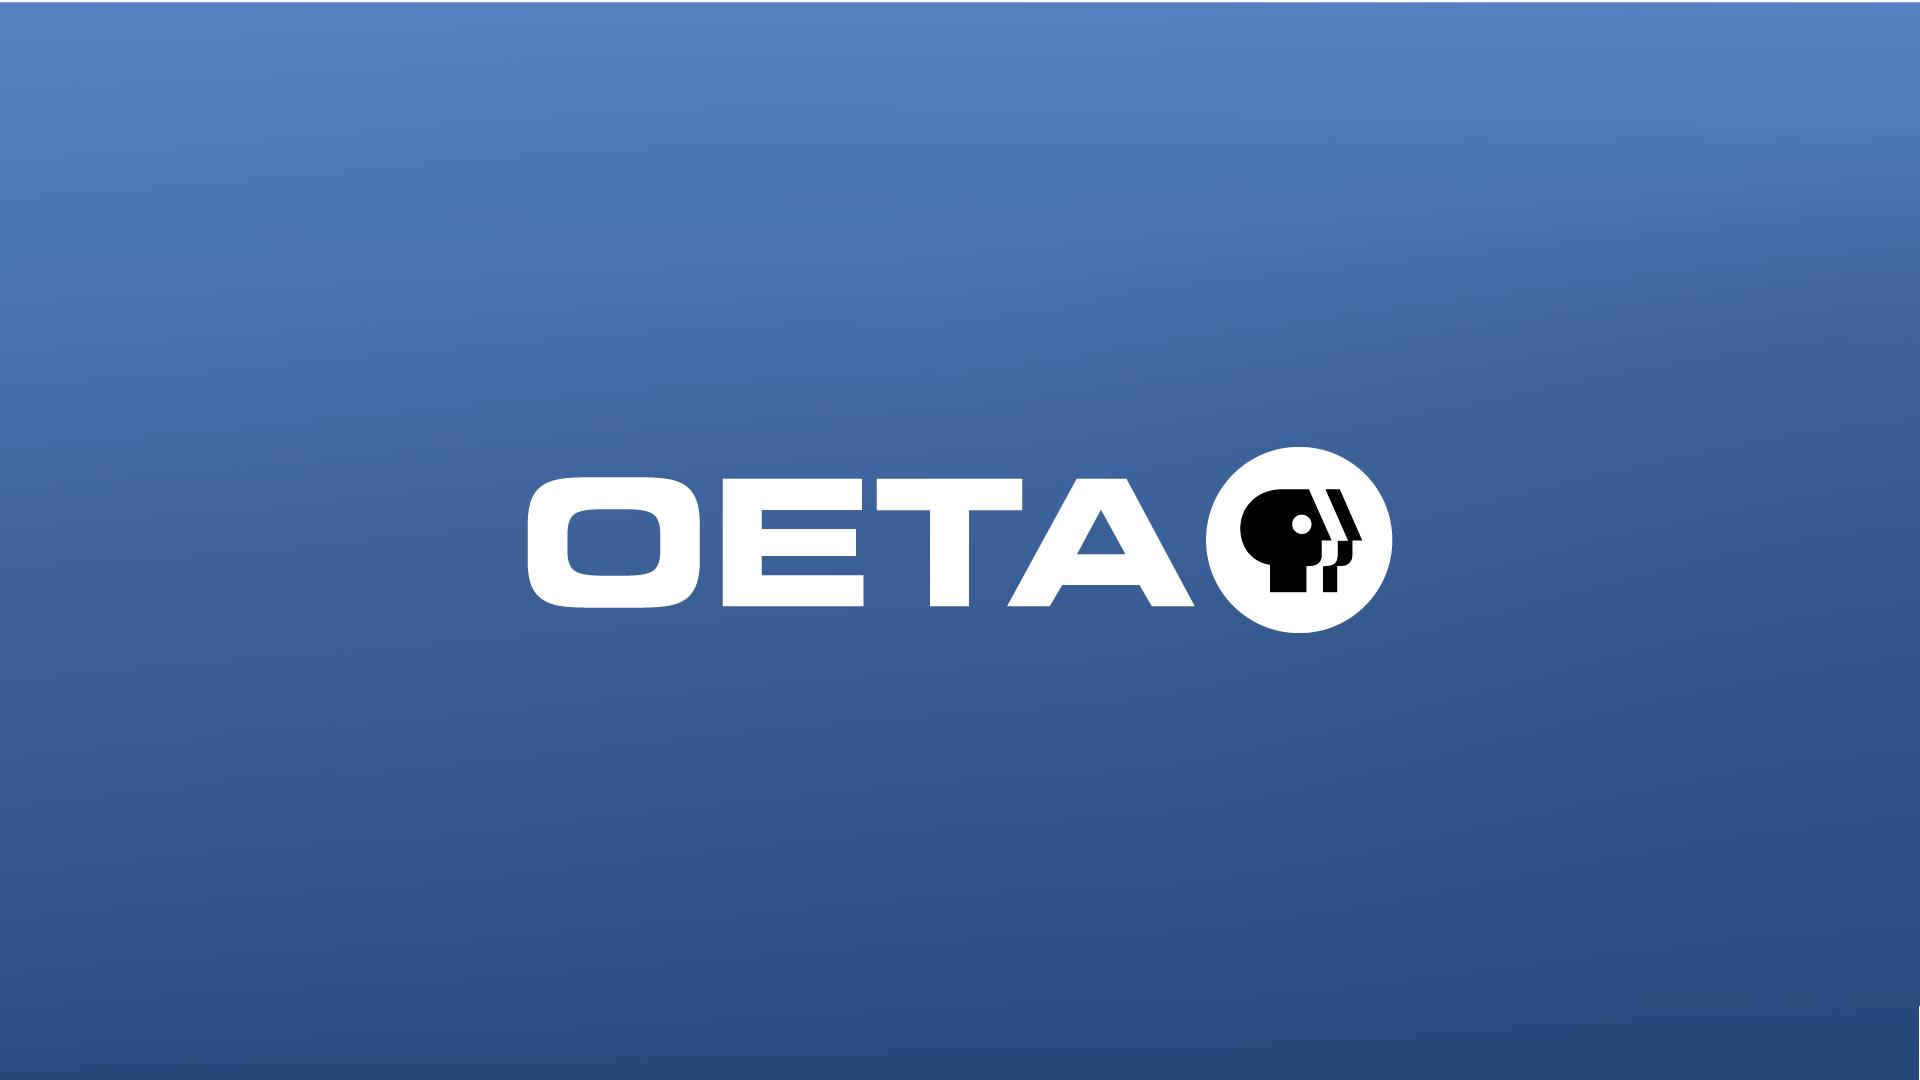 OETA to Host Bice/Horn Debate